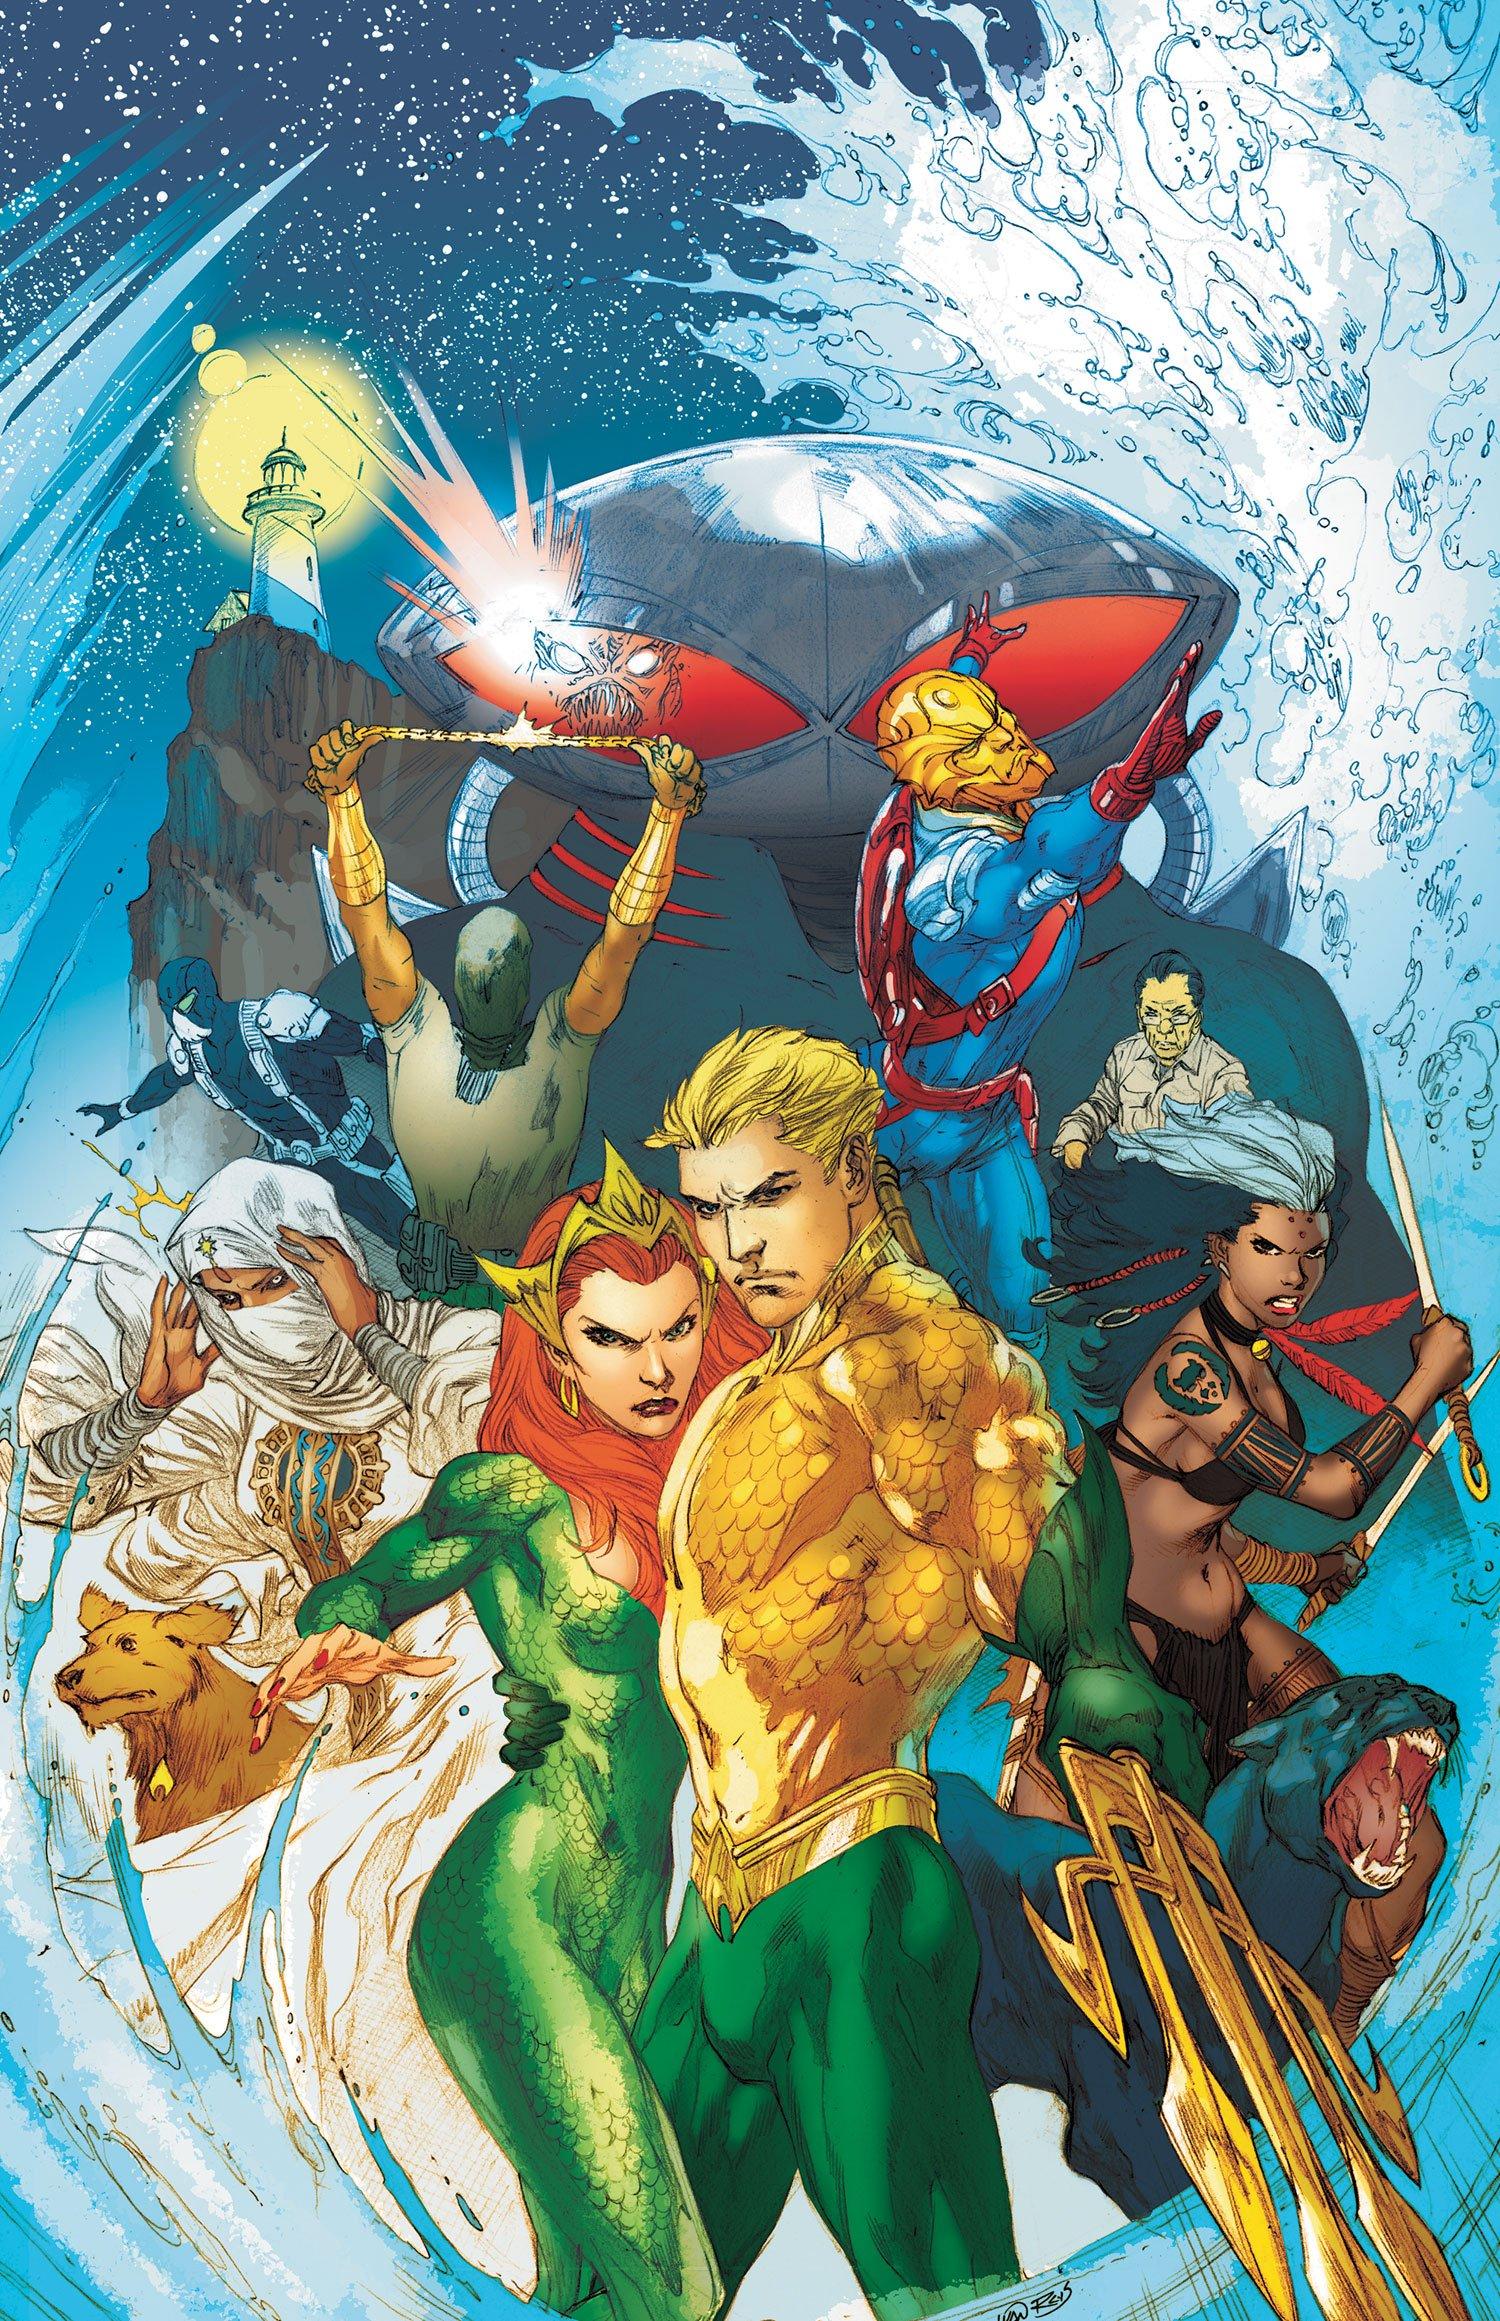 Read Online Aquaman #13 New 52 pdf